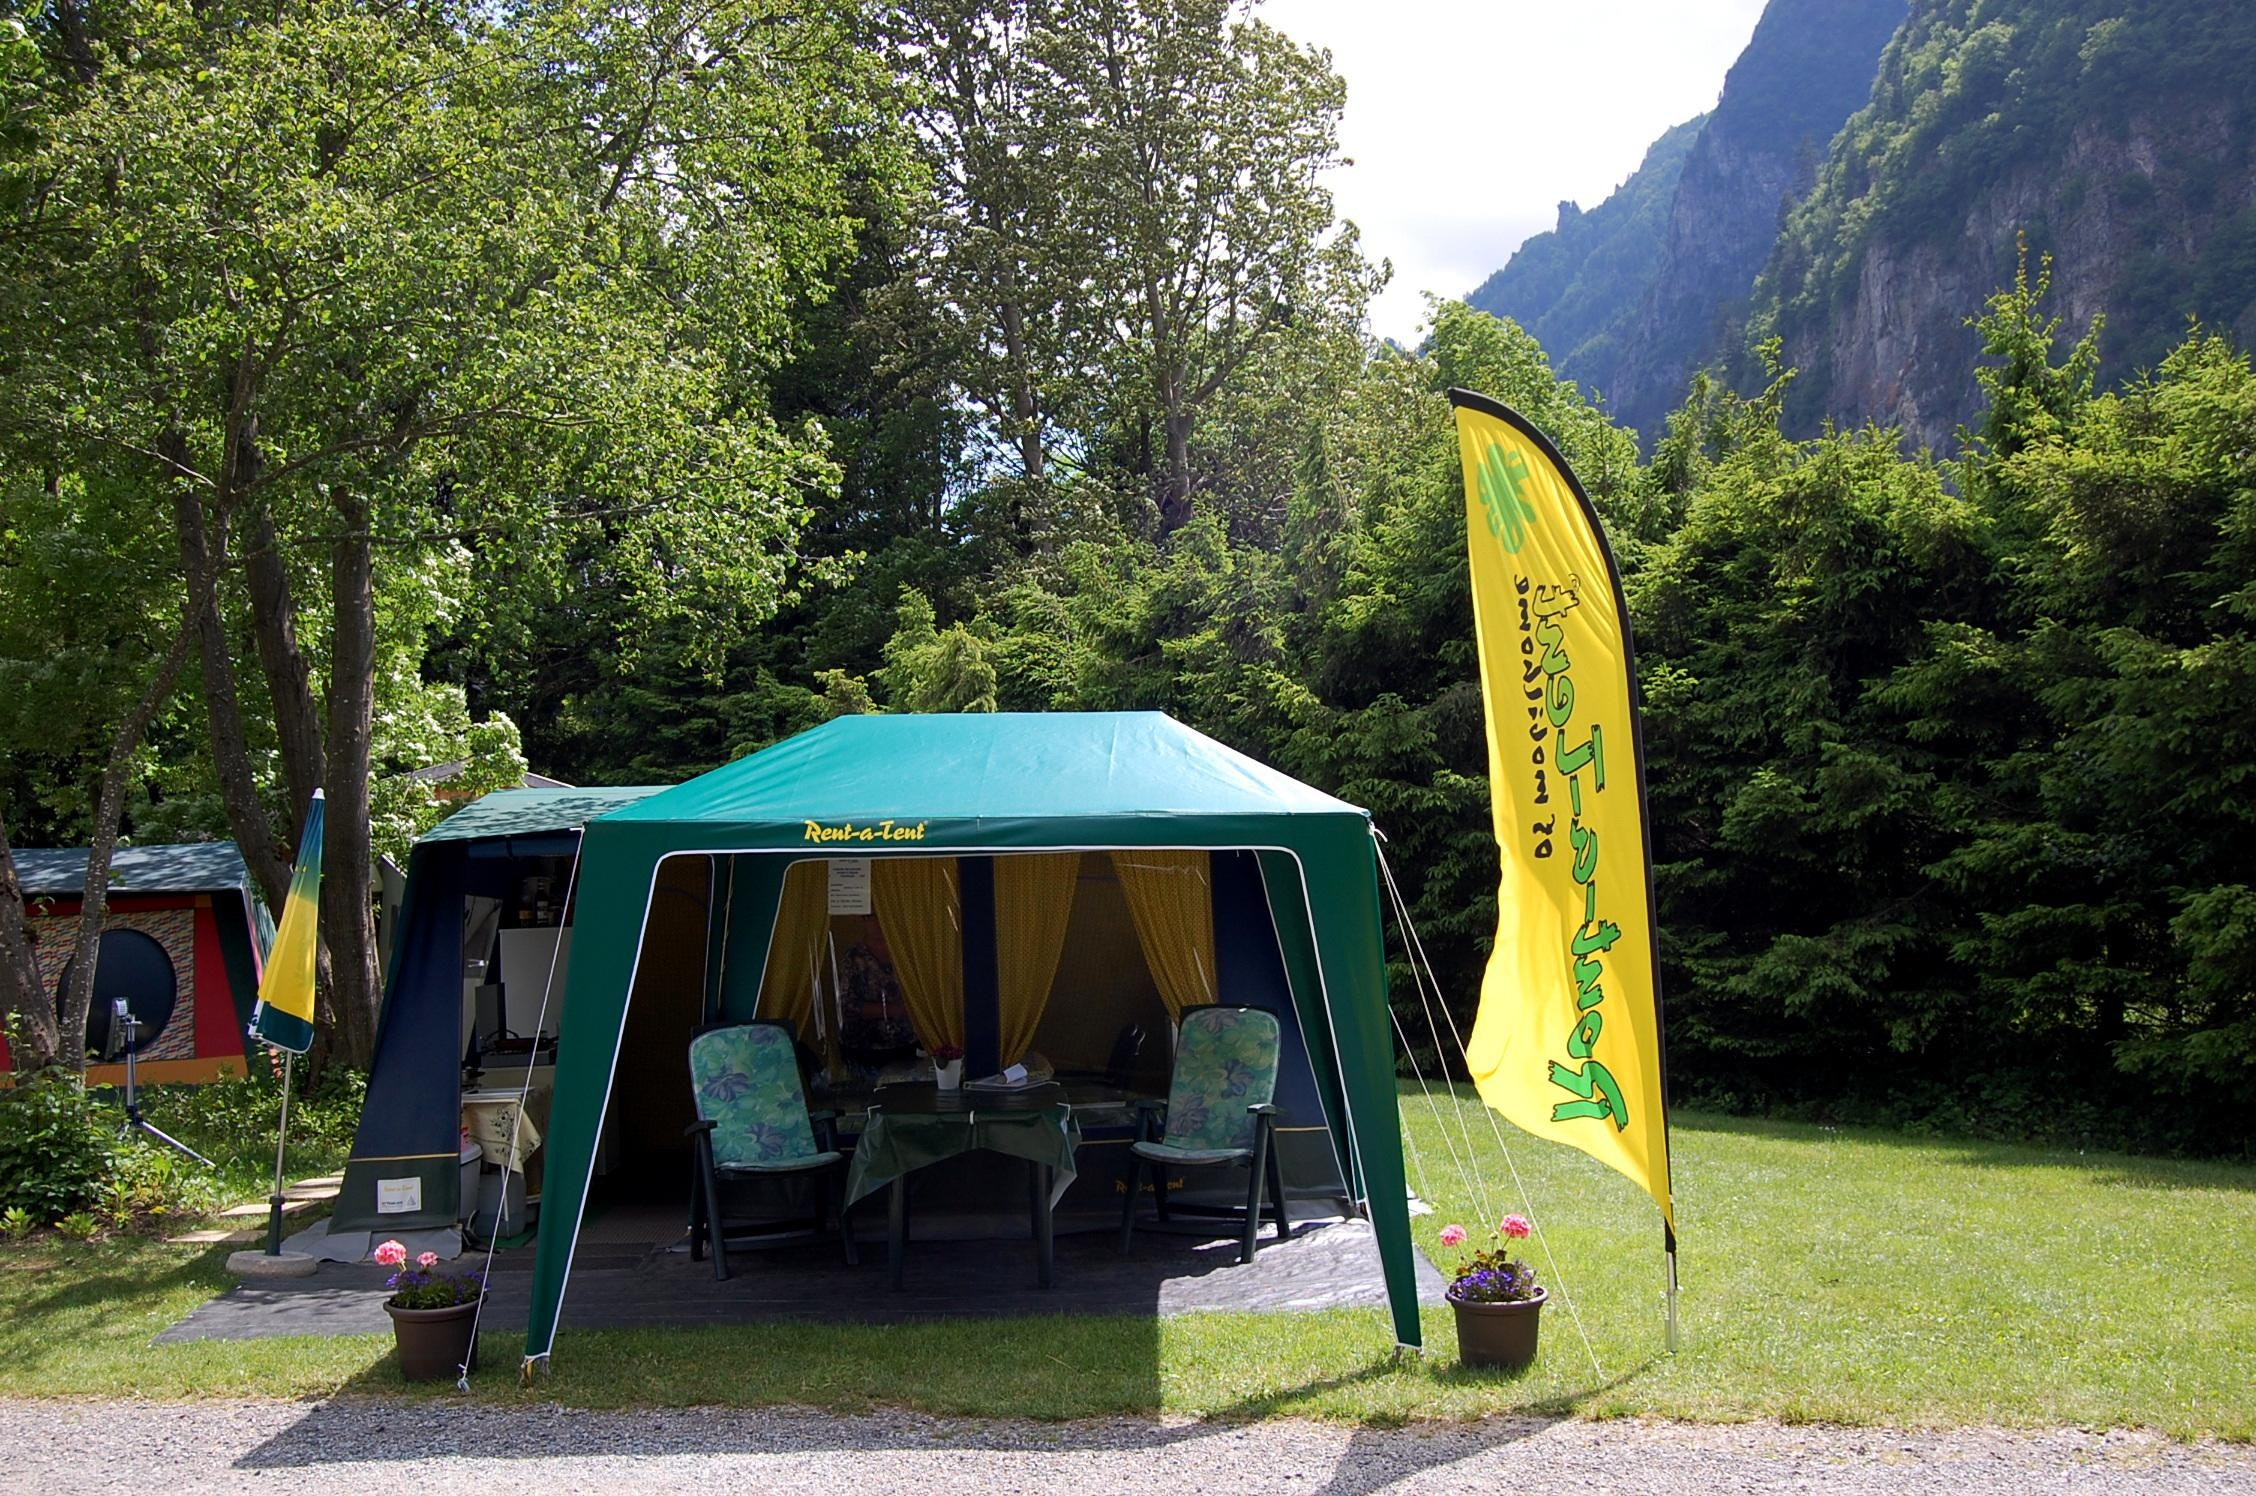 receptietent camping Belledonne